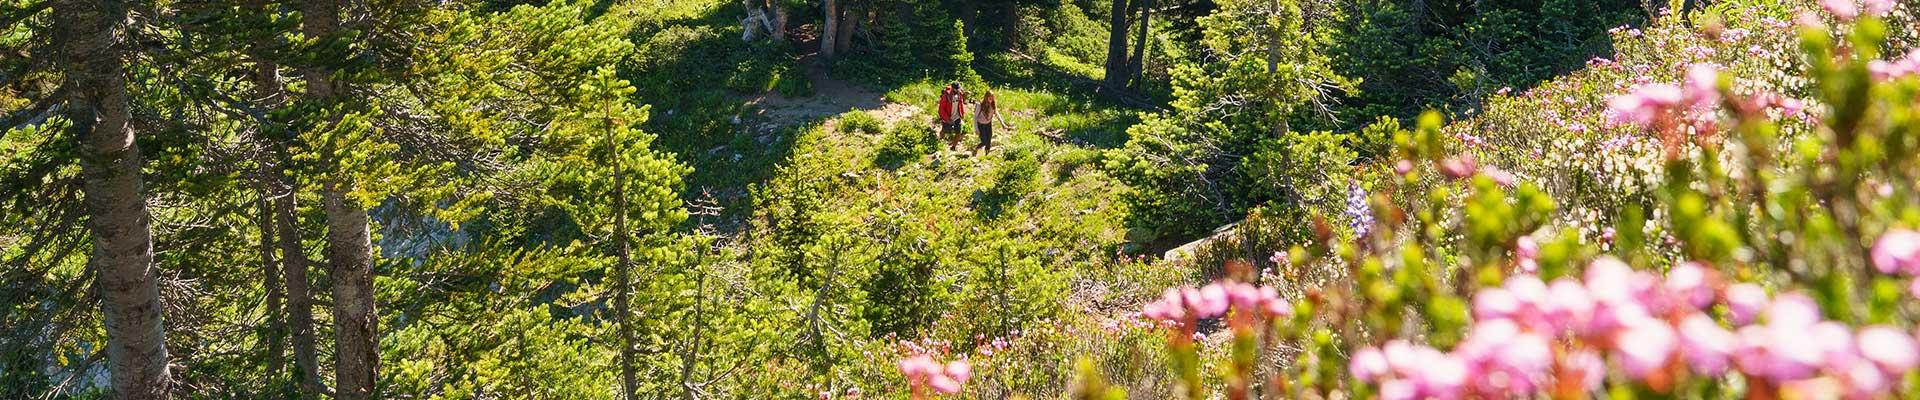 Hiking in Wildflowers